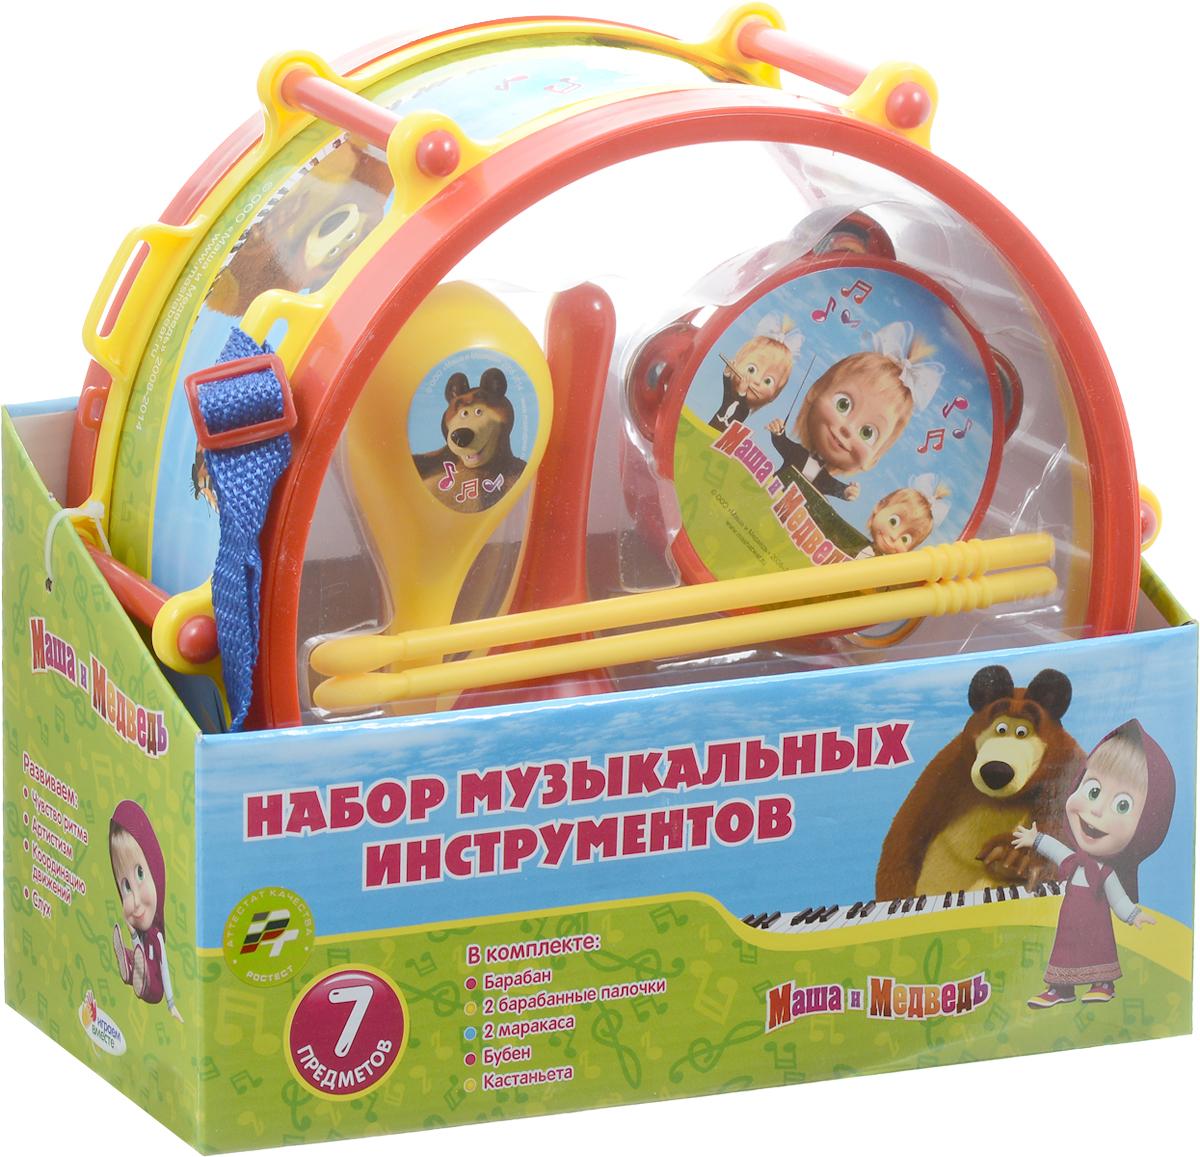 Играем вместе Набор музыкальных инструментов Маша и Медведь 7 предметов